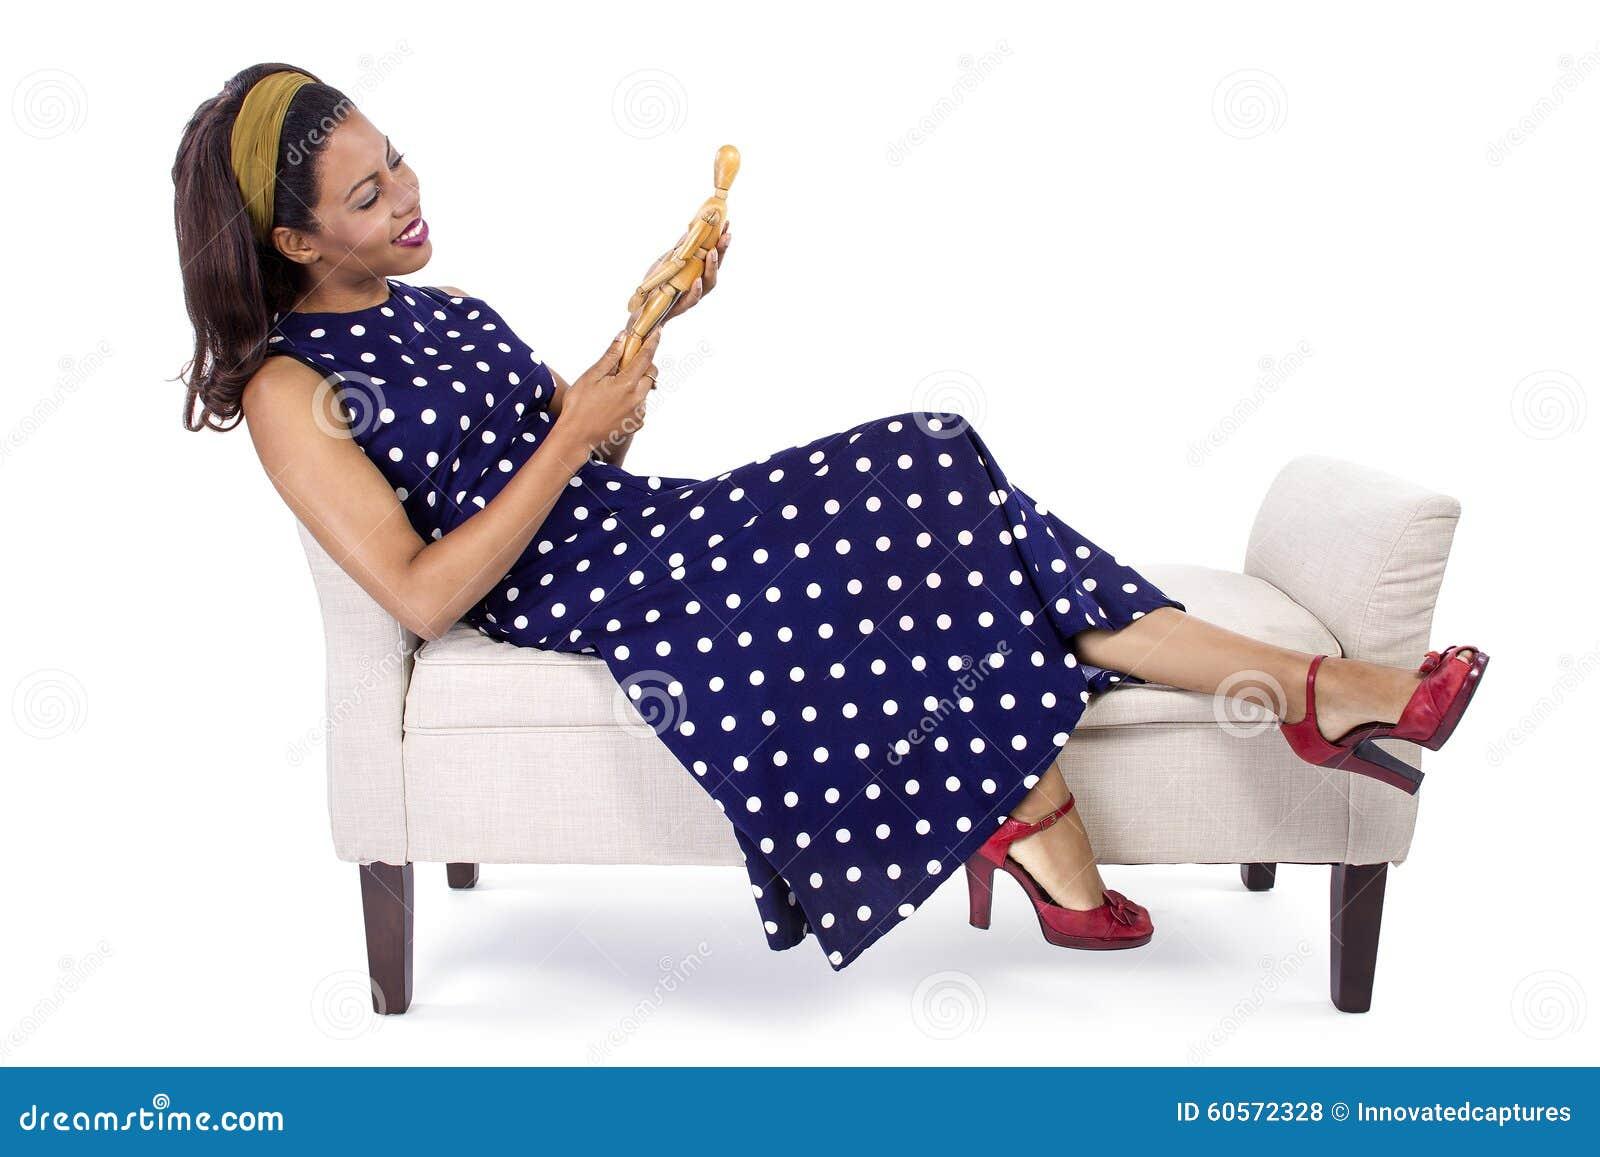 Creative Fashion Designer Thinking Stock Photo - Image: 60572328